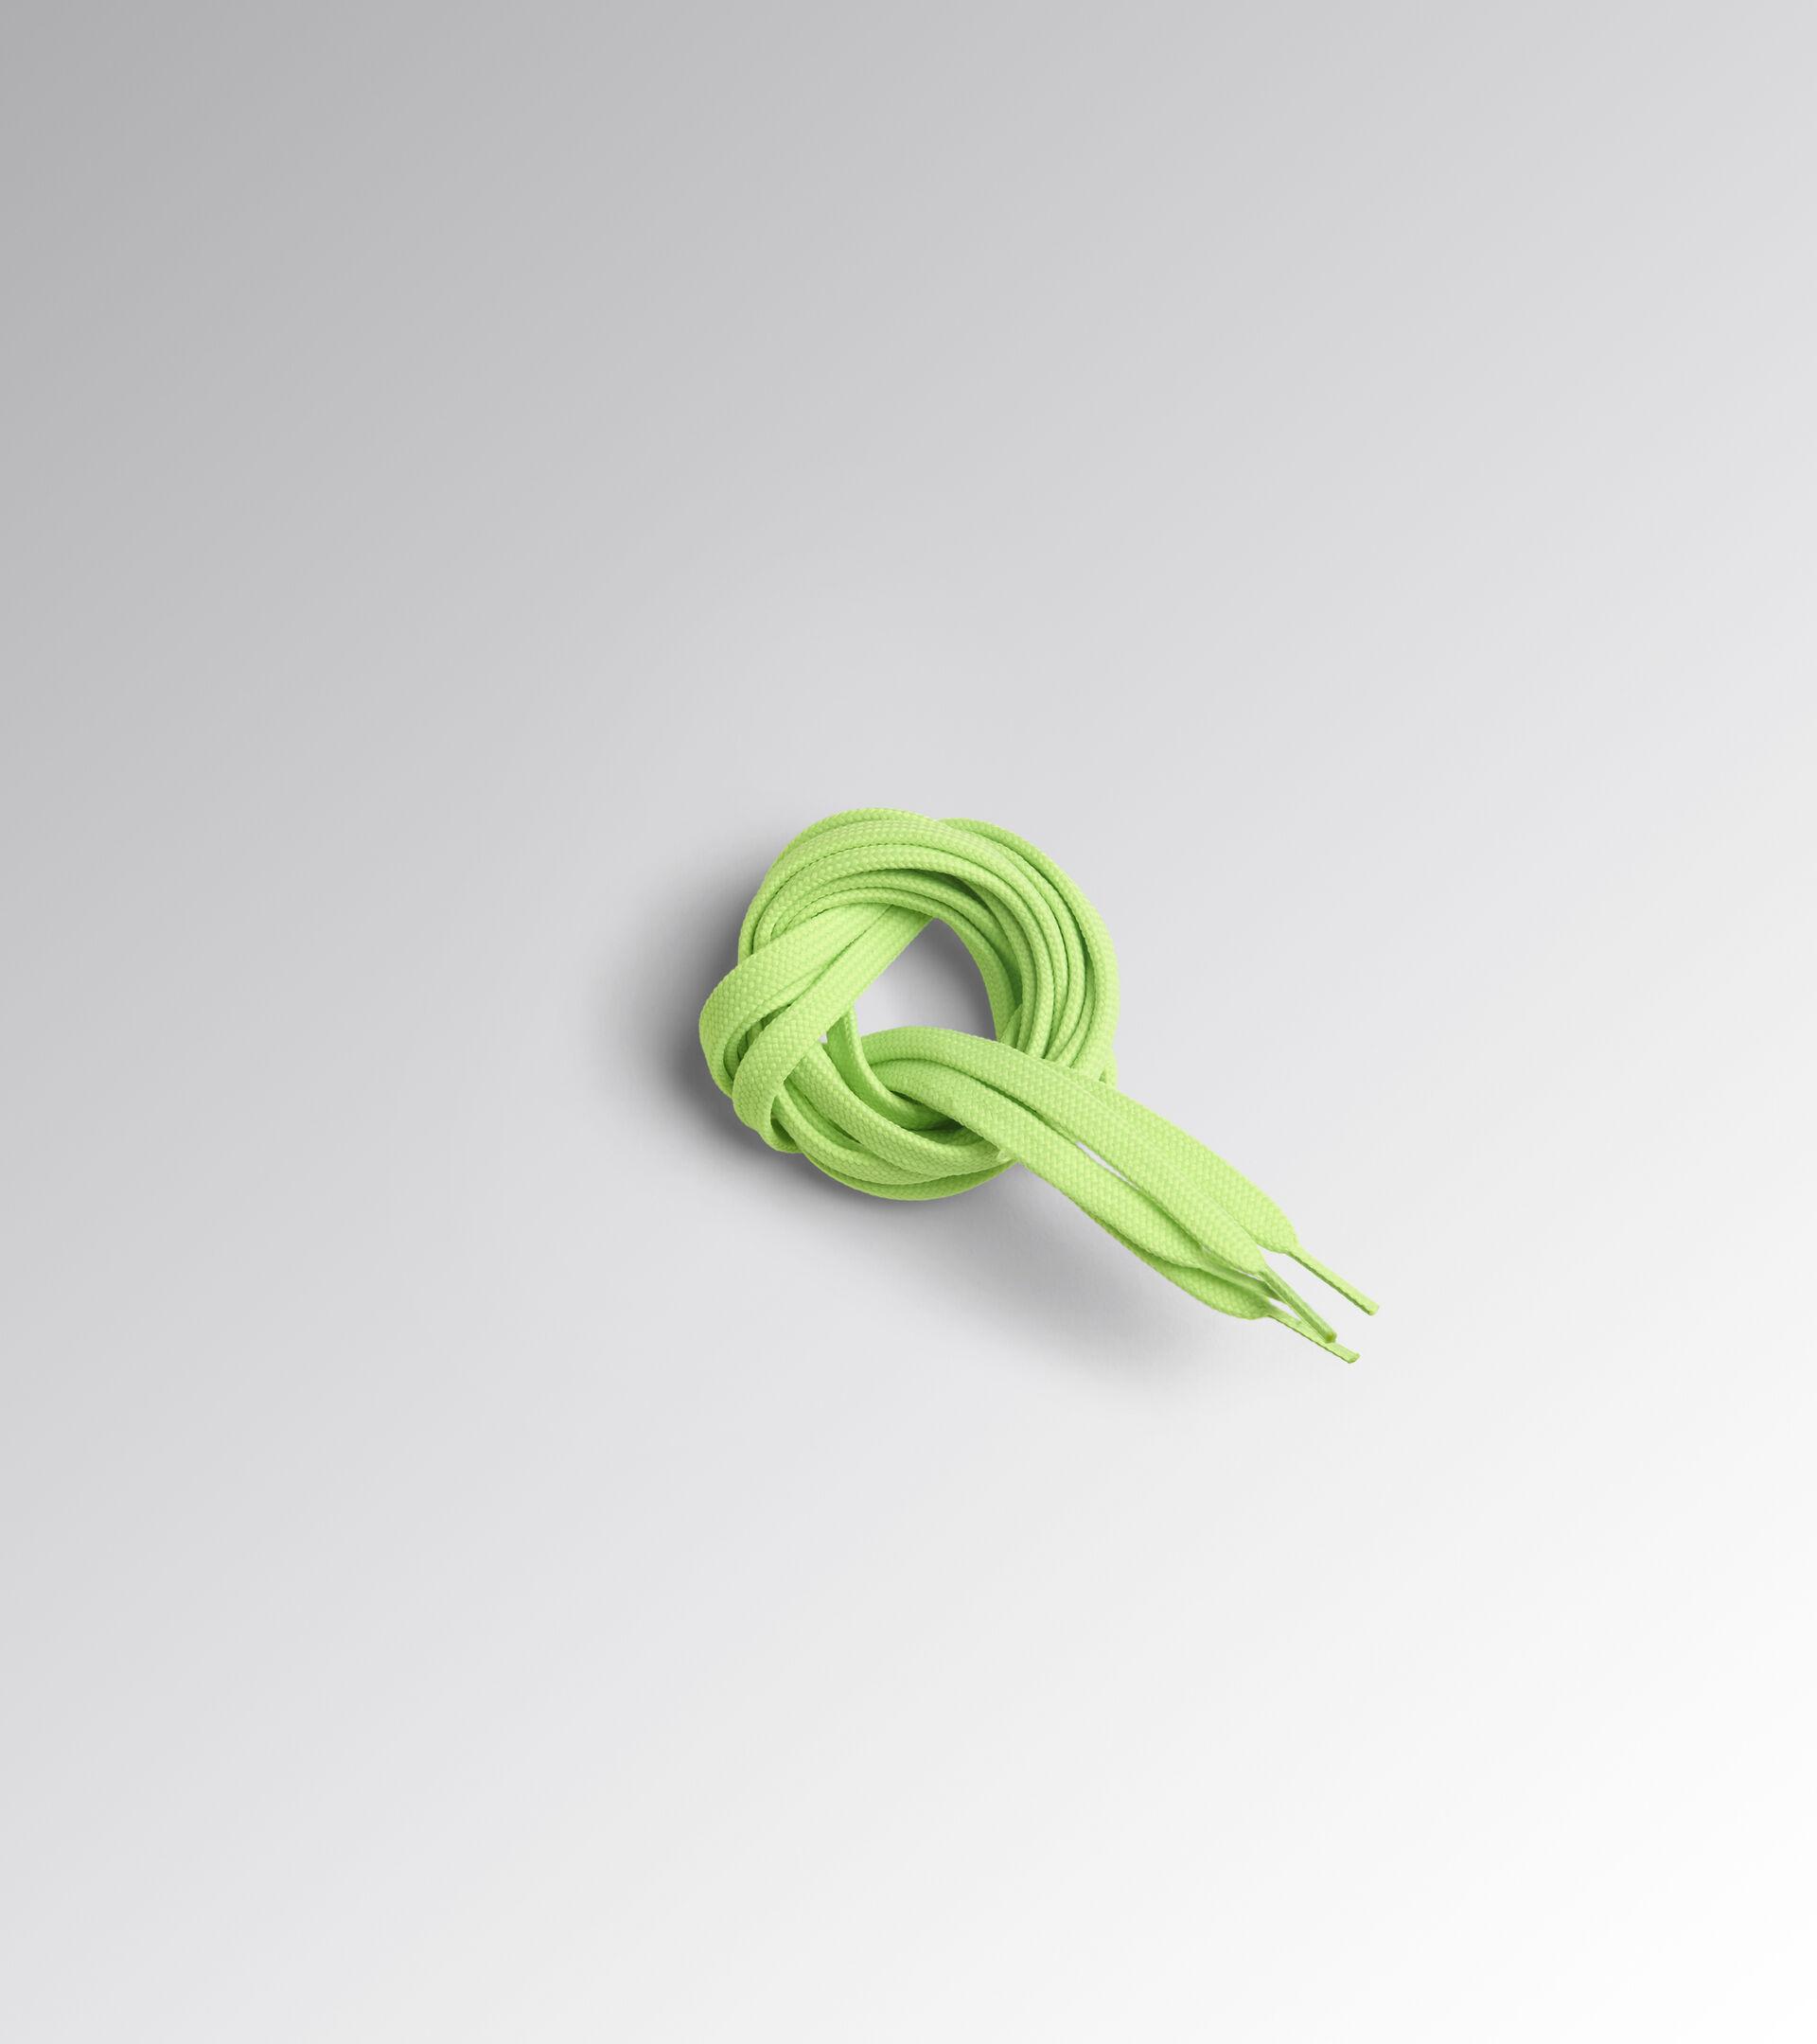 Accessories Utility UOMO LACCI PIATTO TERMO 120 GREEN FLUO 909 C Utility